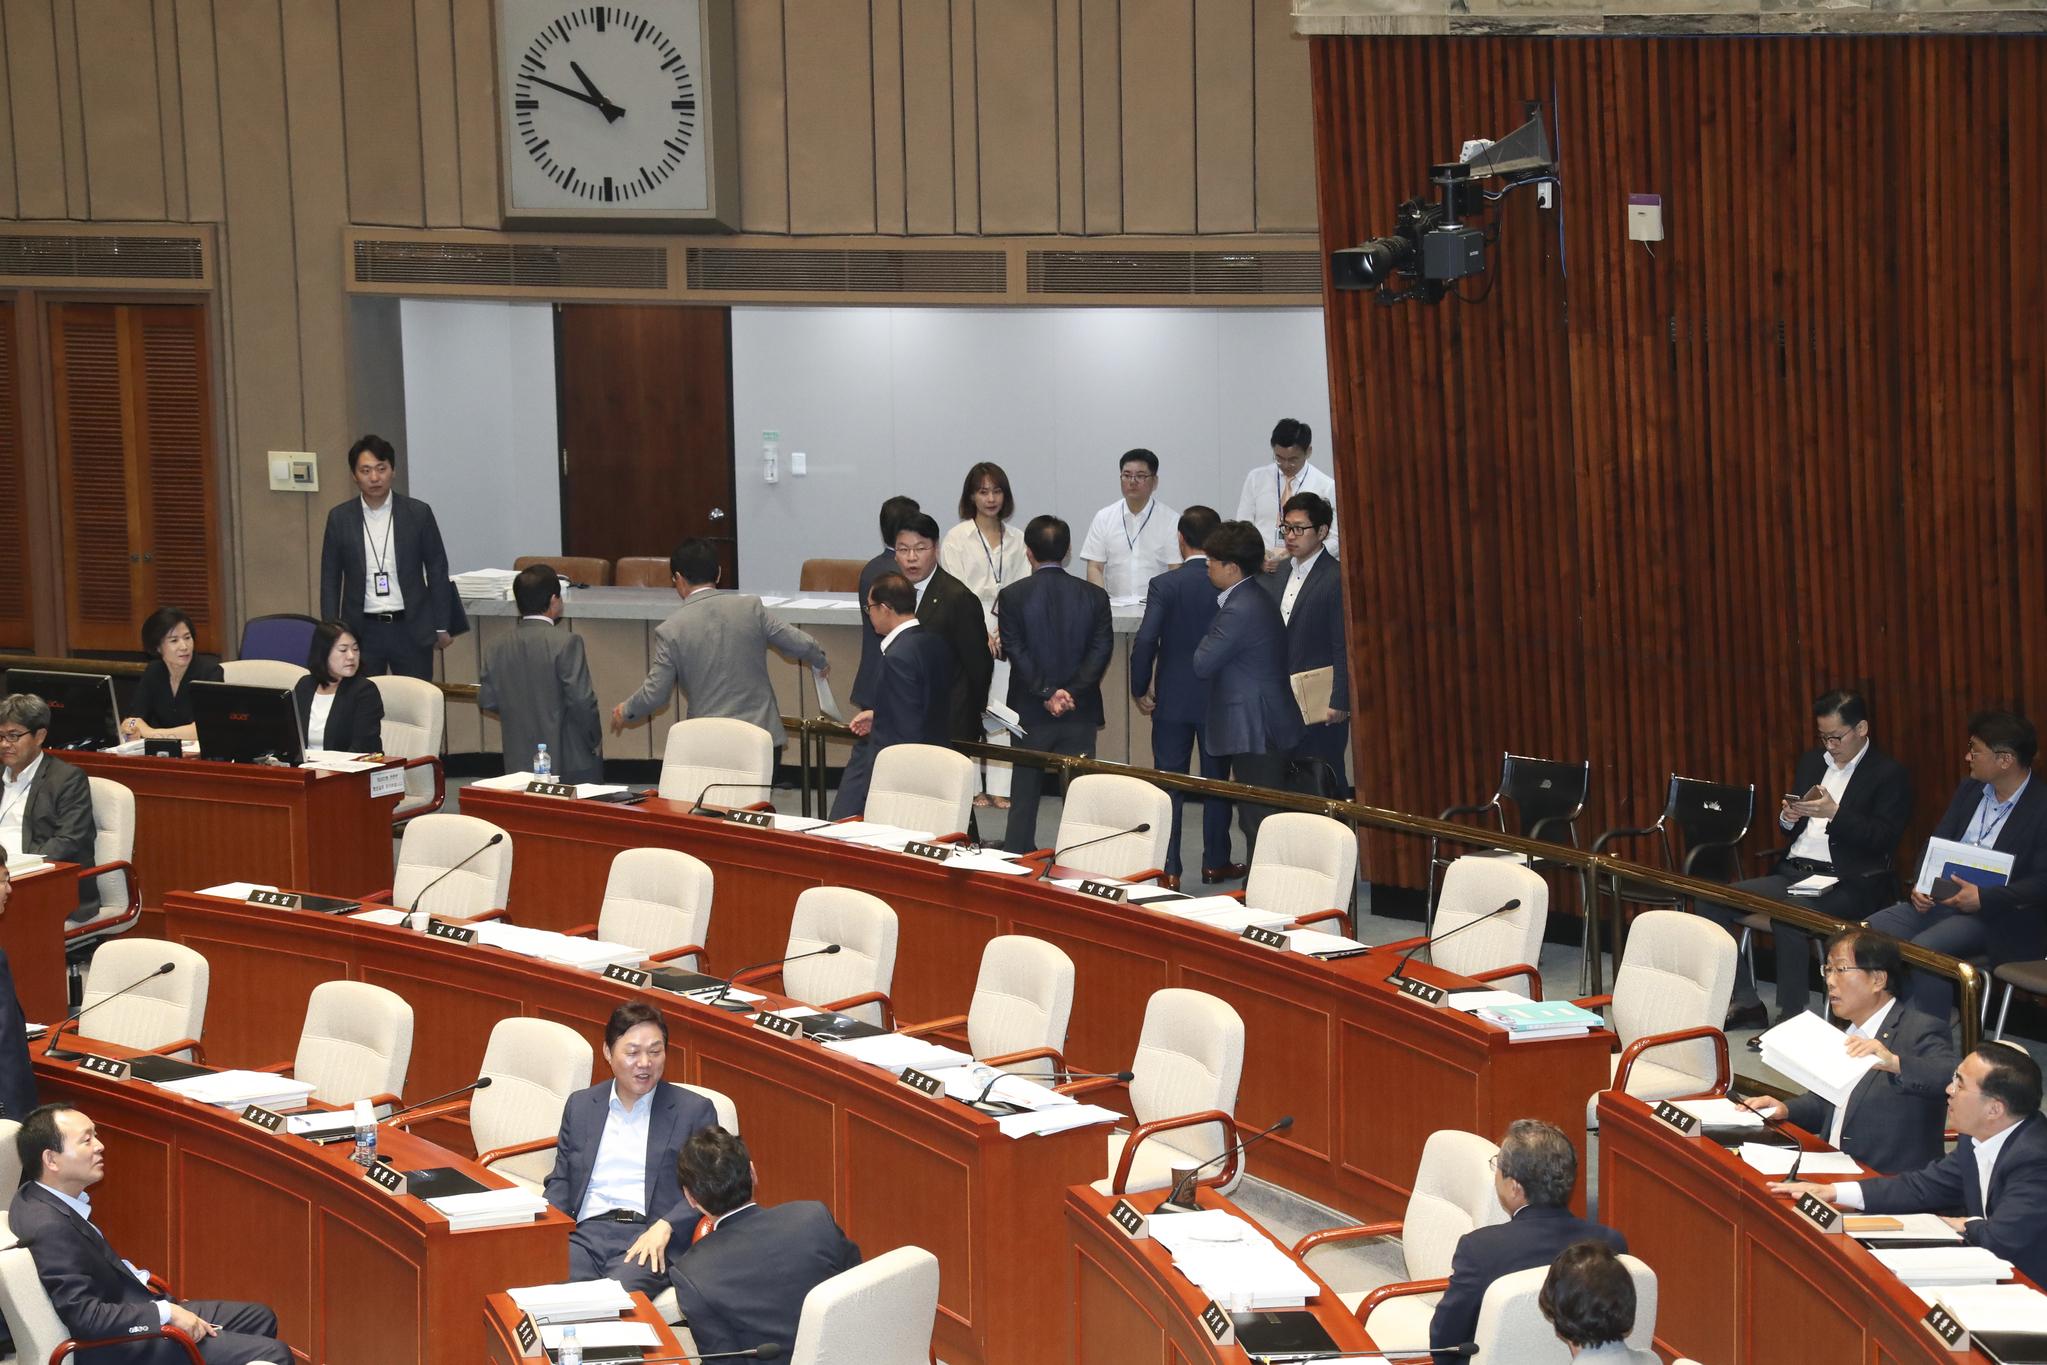 자유한국당 의원들이 퇴장하고 있다.  임현동 기자